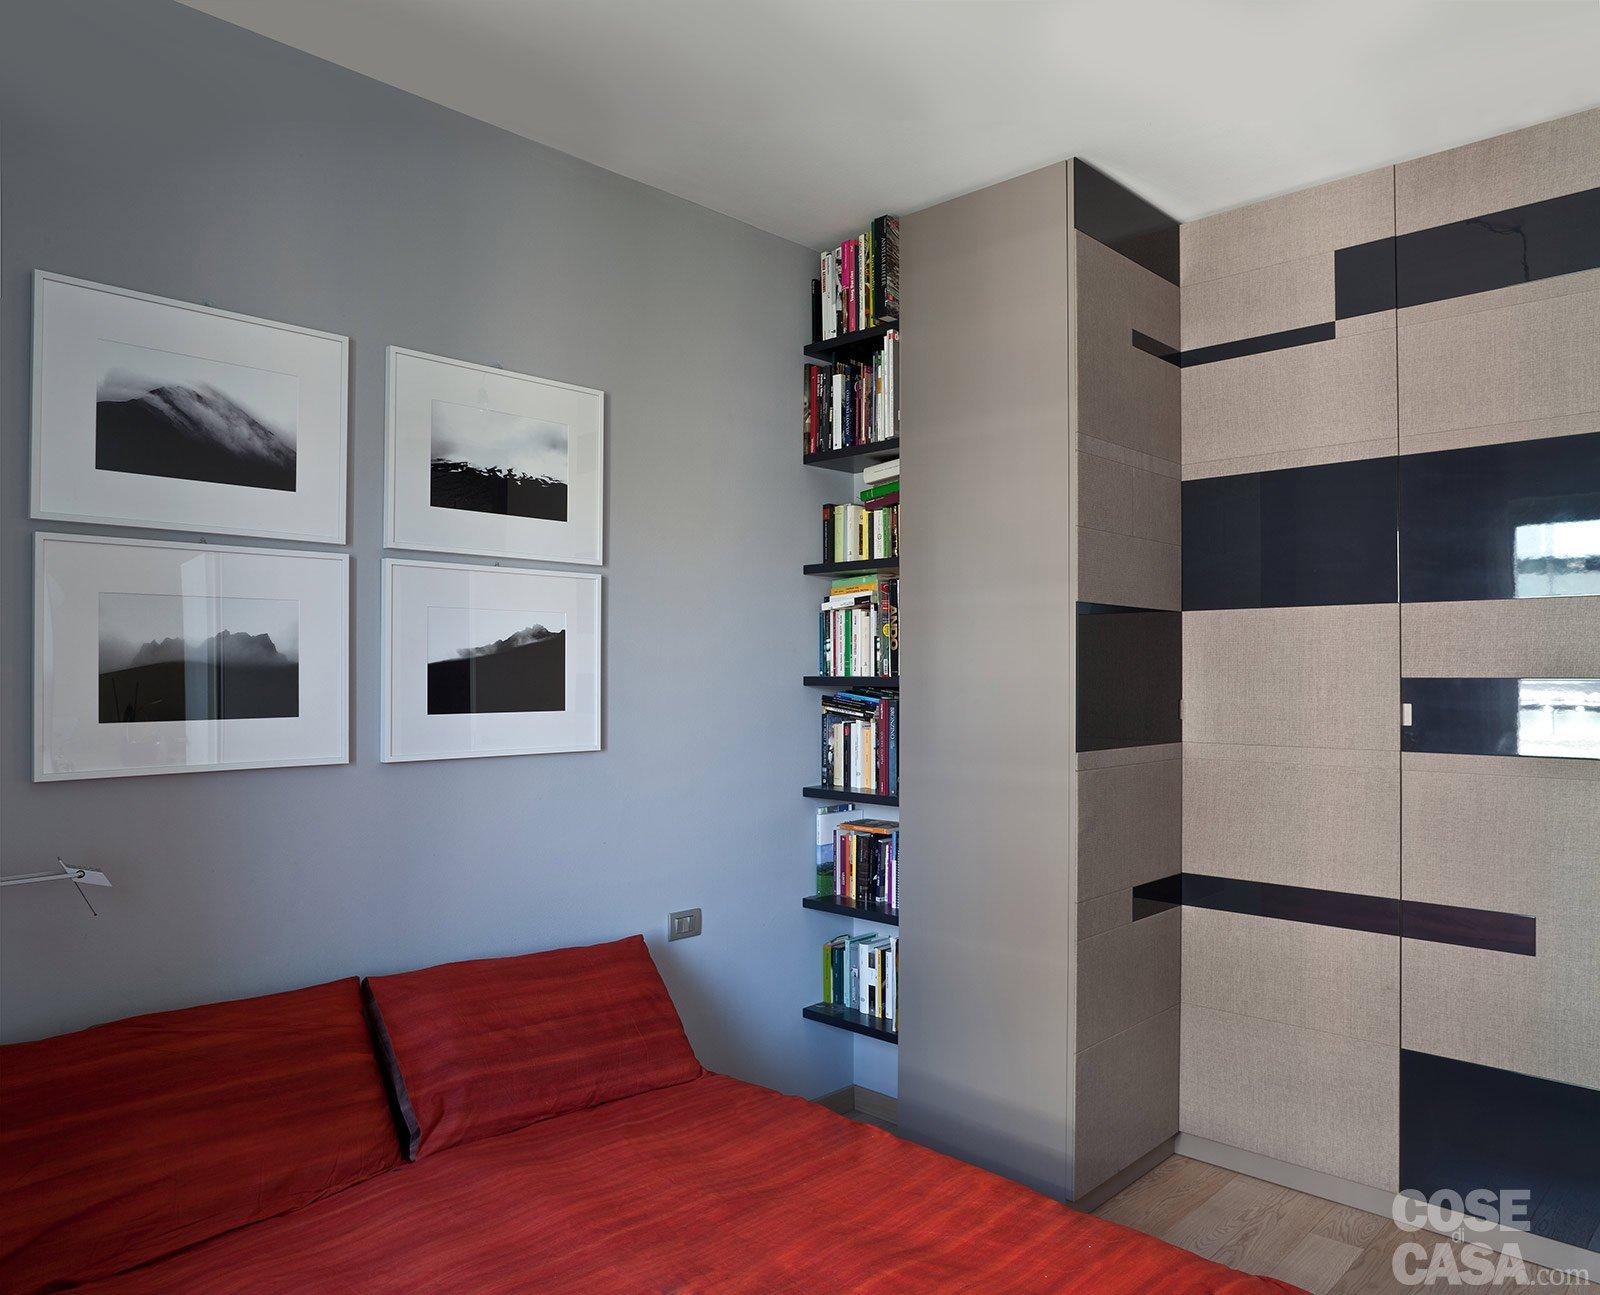 Casabook immobiliare ambienti contemporanei per una casa di taglio tradizionale - Aprire finestra muro esterno ...